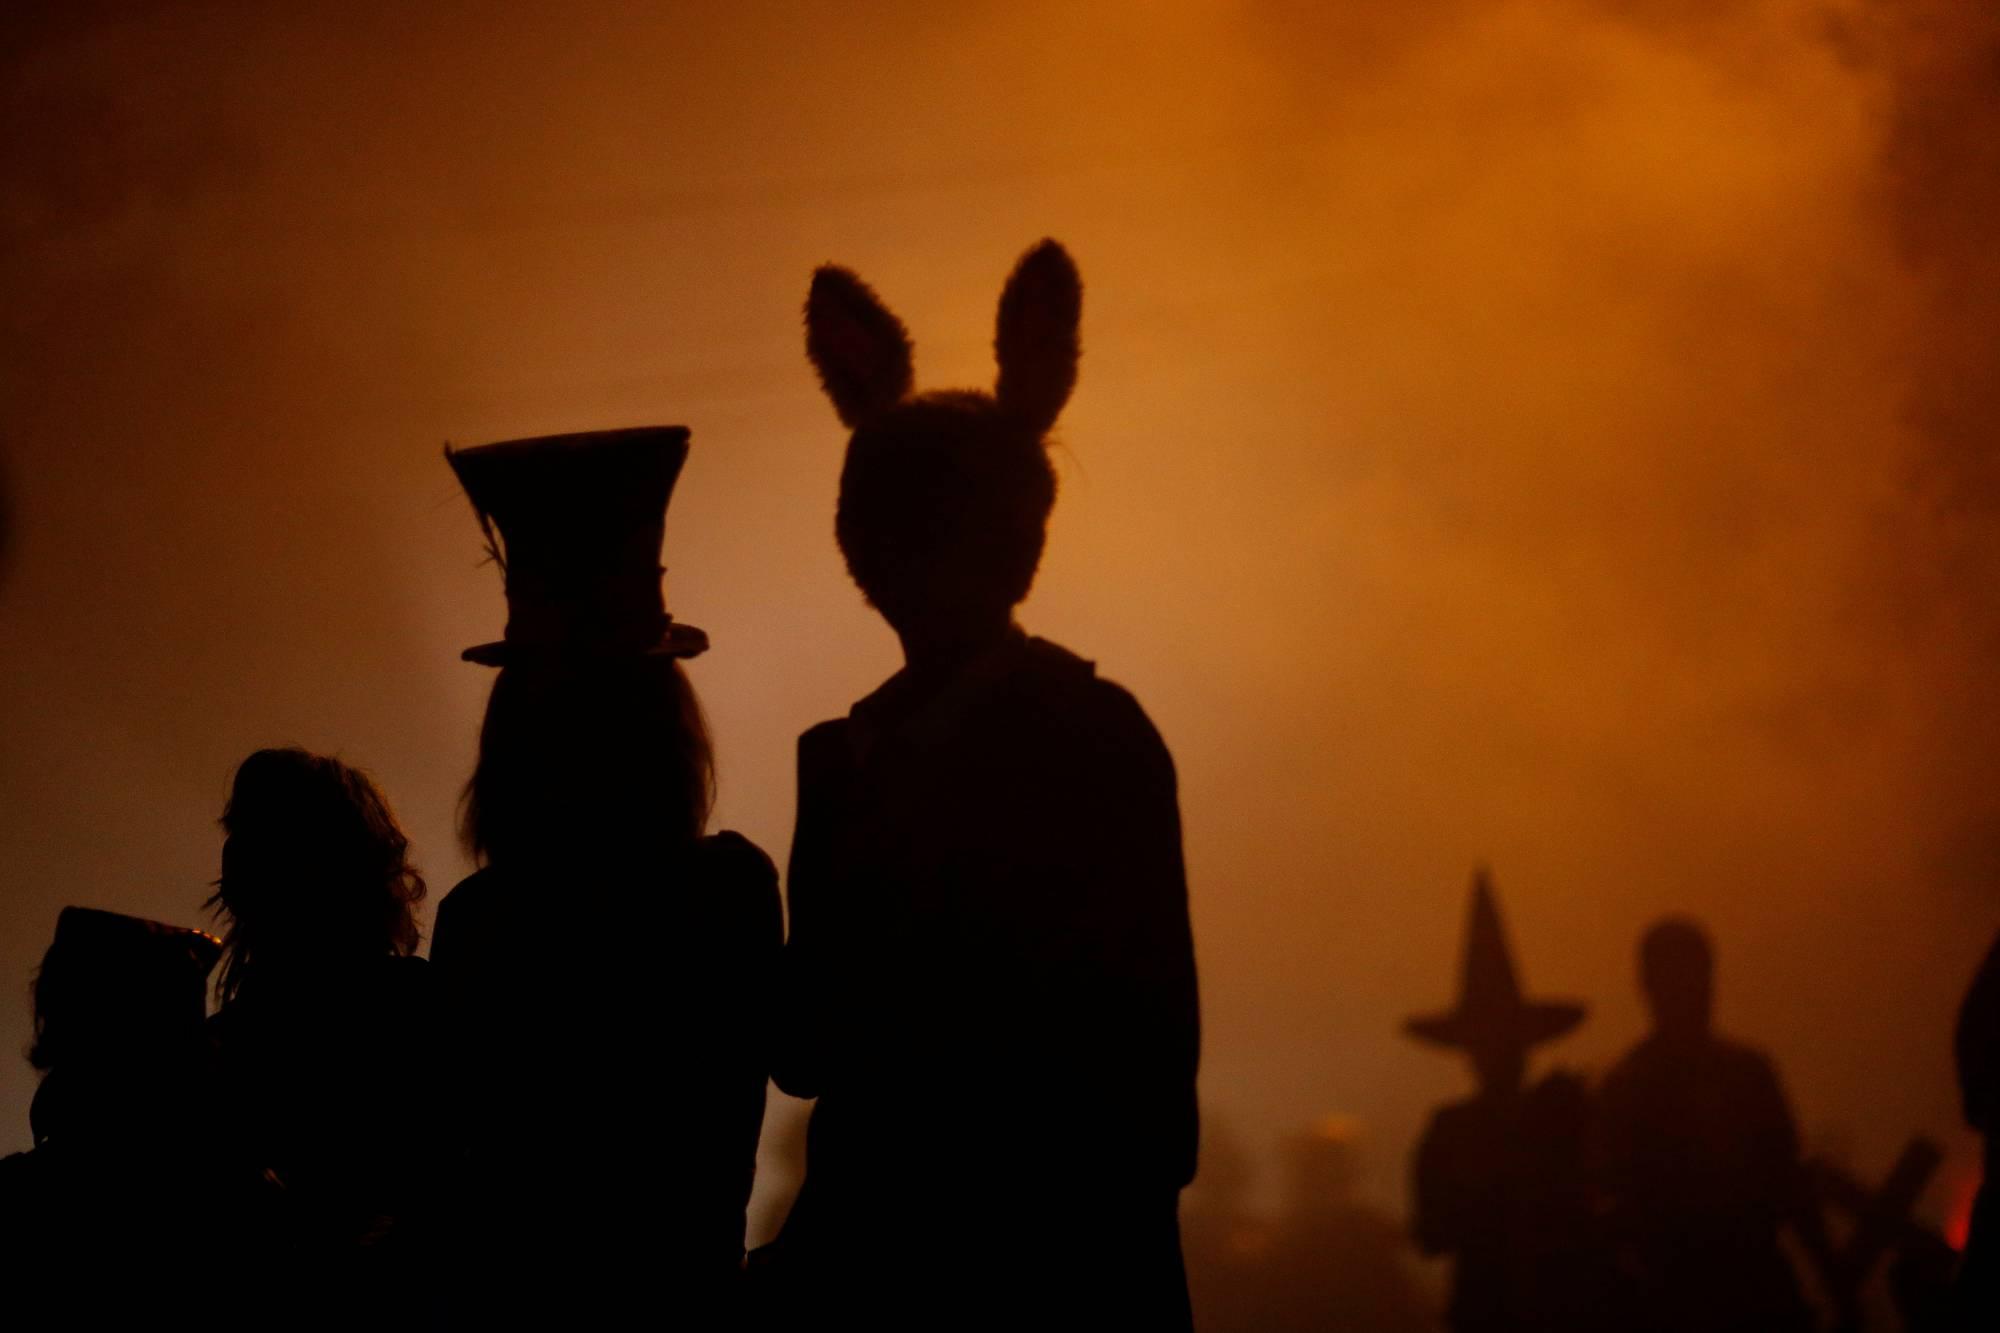 People wearing costumes walk during Halloween in Sierra Madre